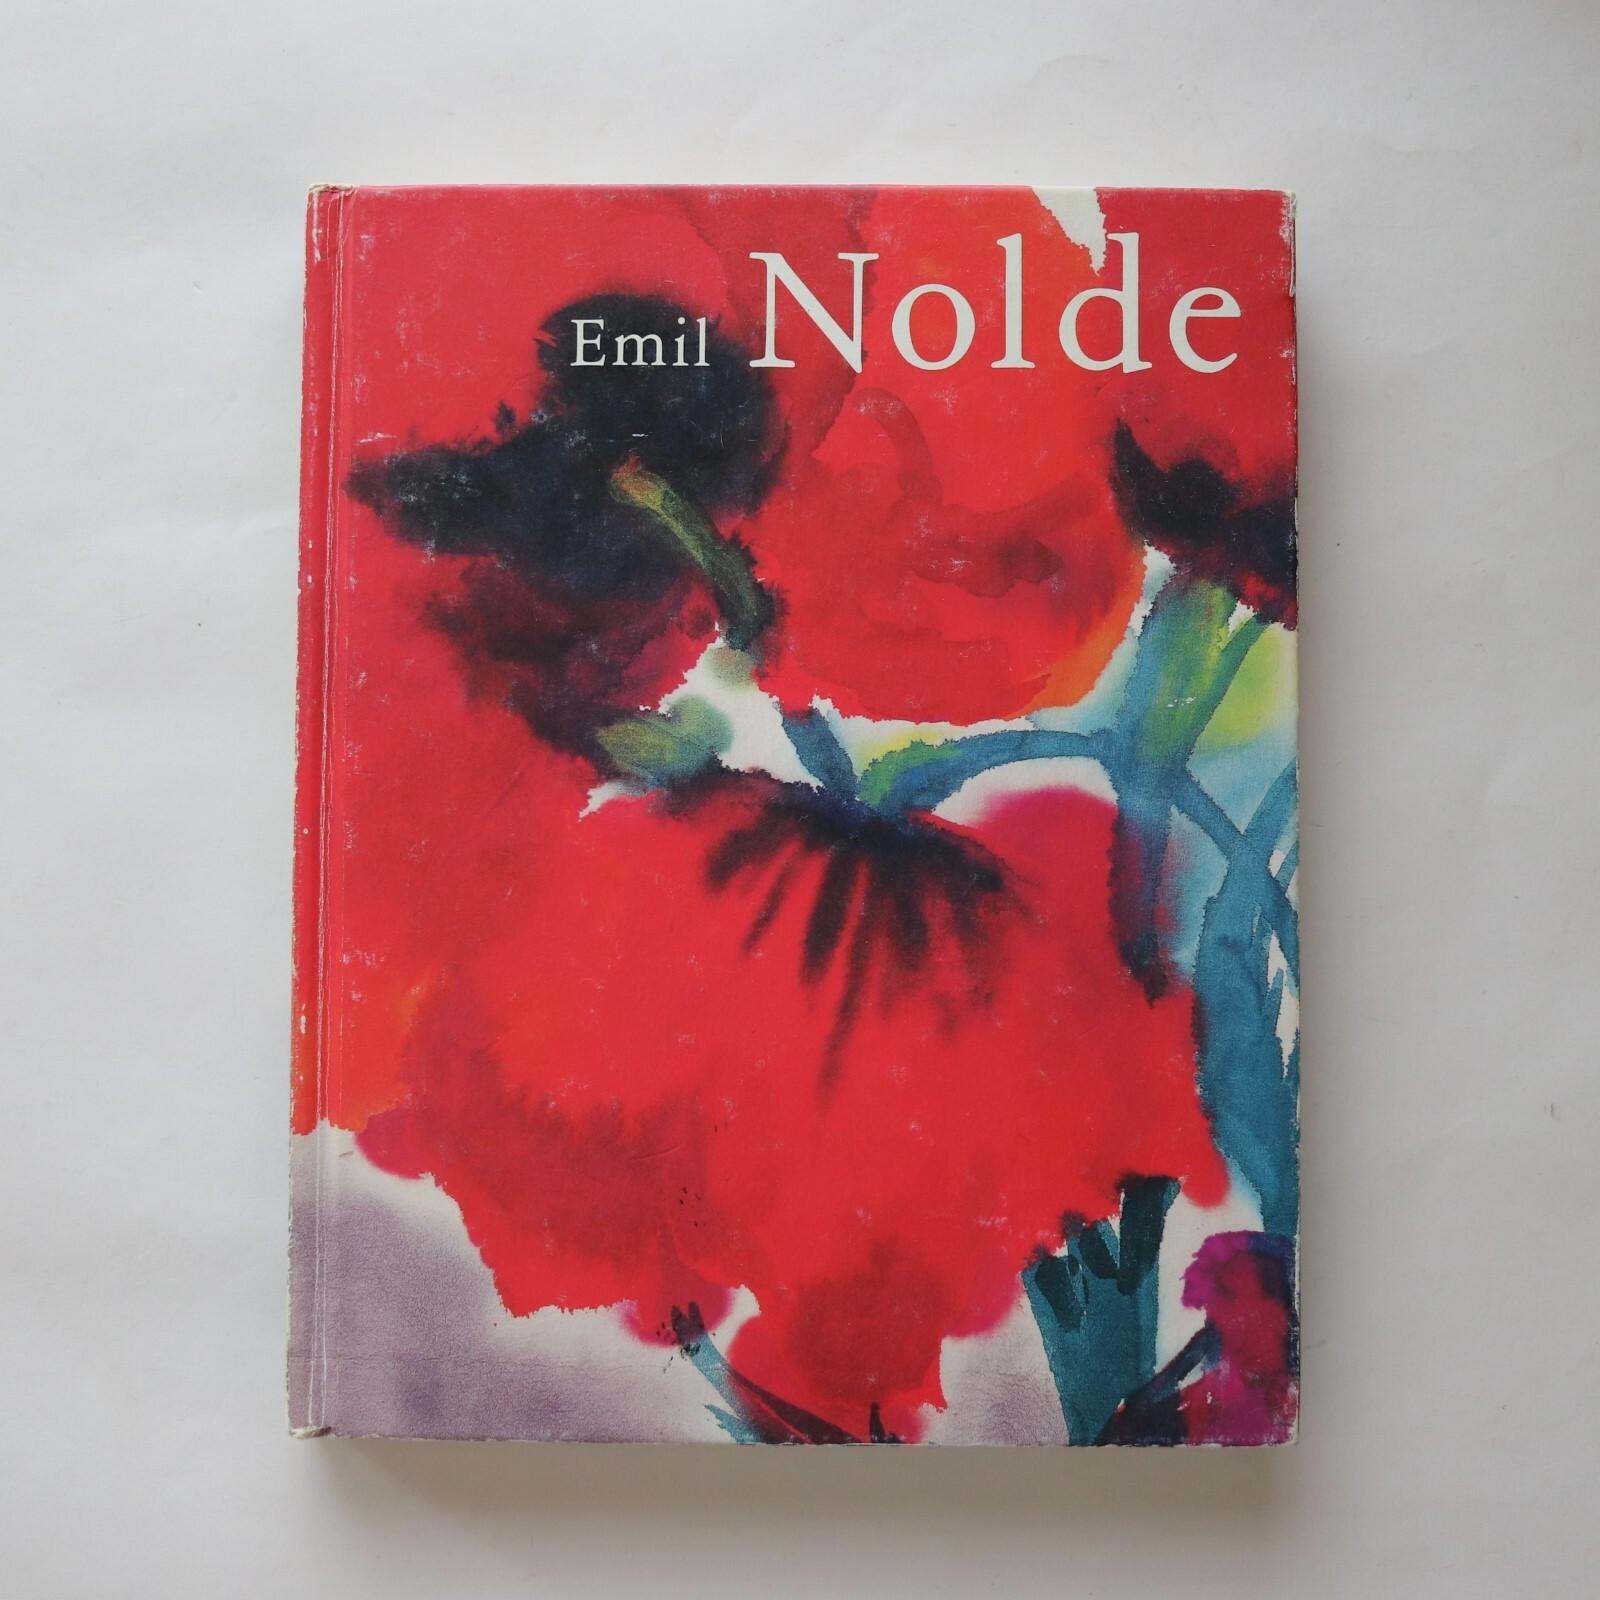 エミール・ノルデ(Emil Nolde)展 図録